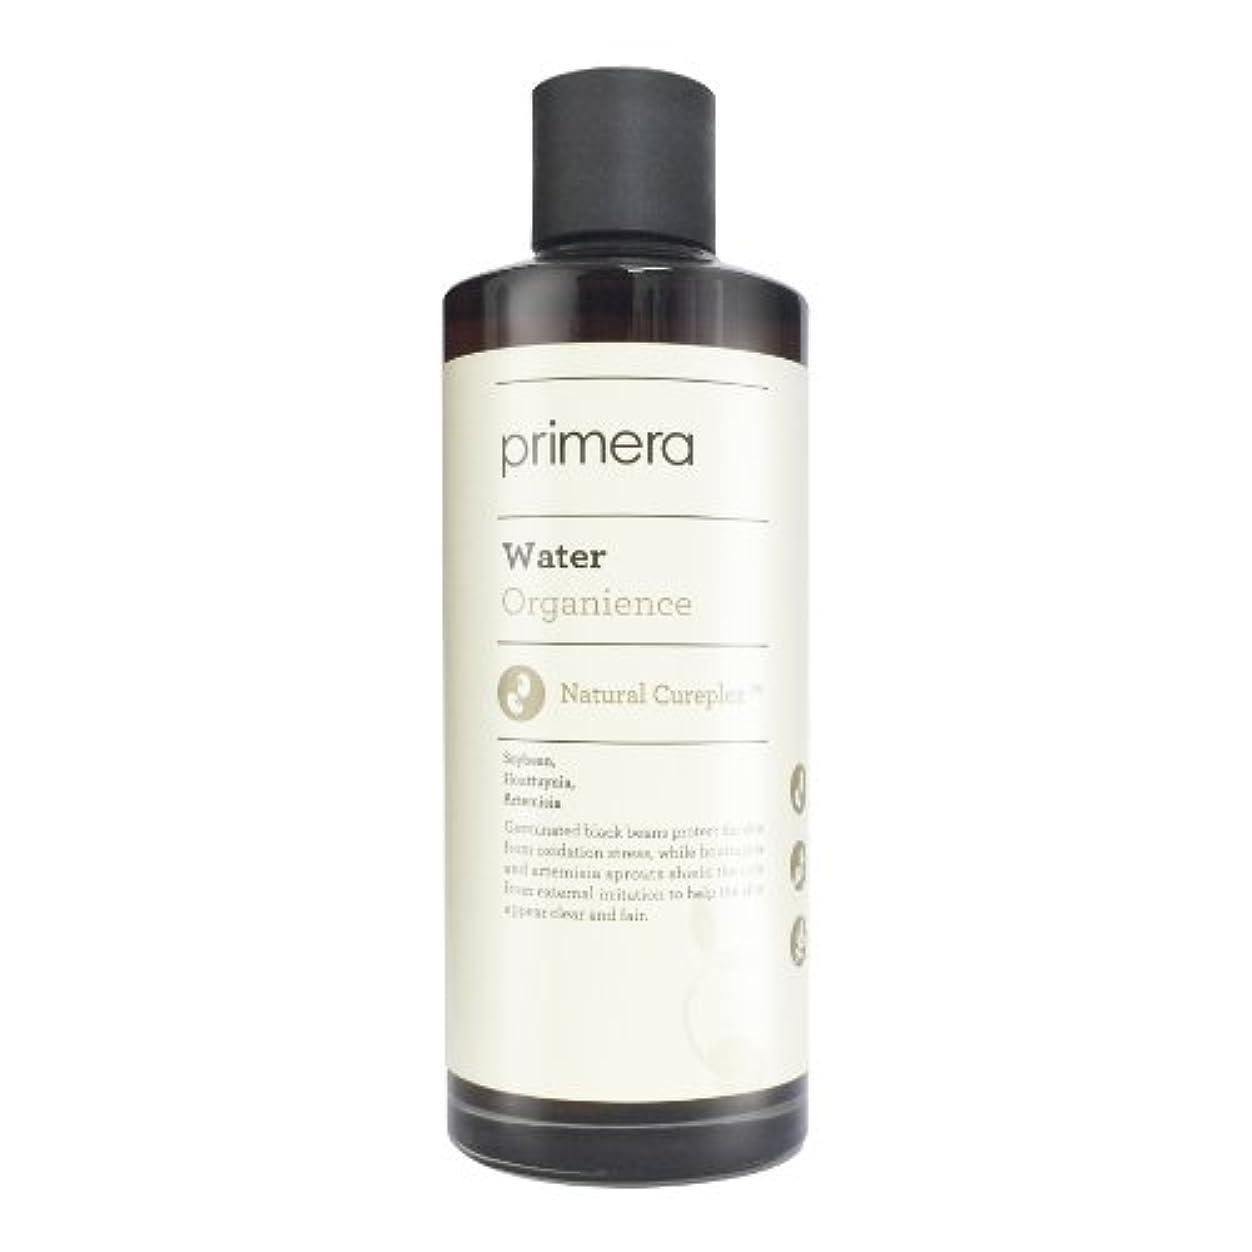 生物学屋内で放棄されたPrimera/プリメラ オーガニエンスウォーター180ml(Organience water)